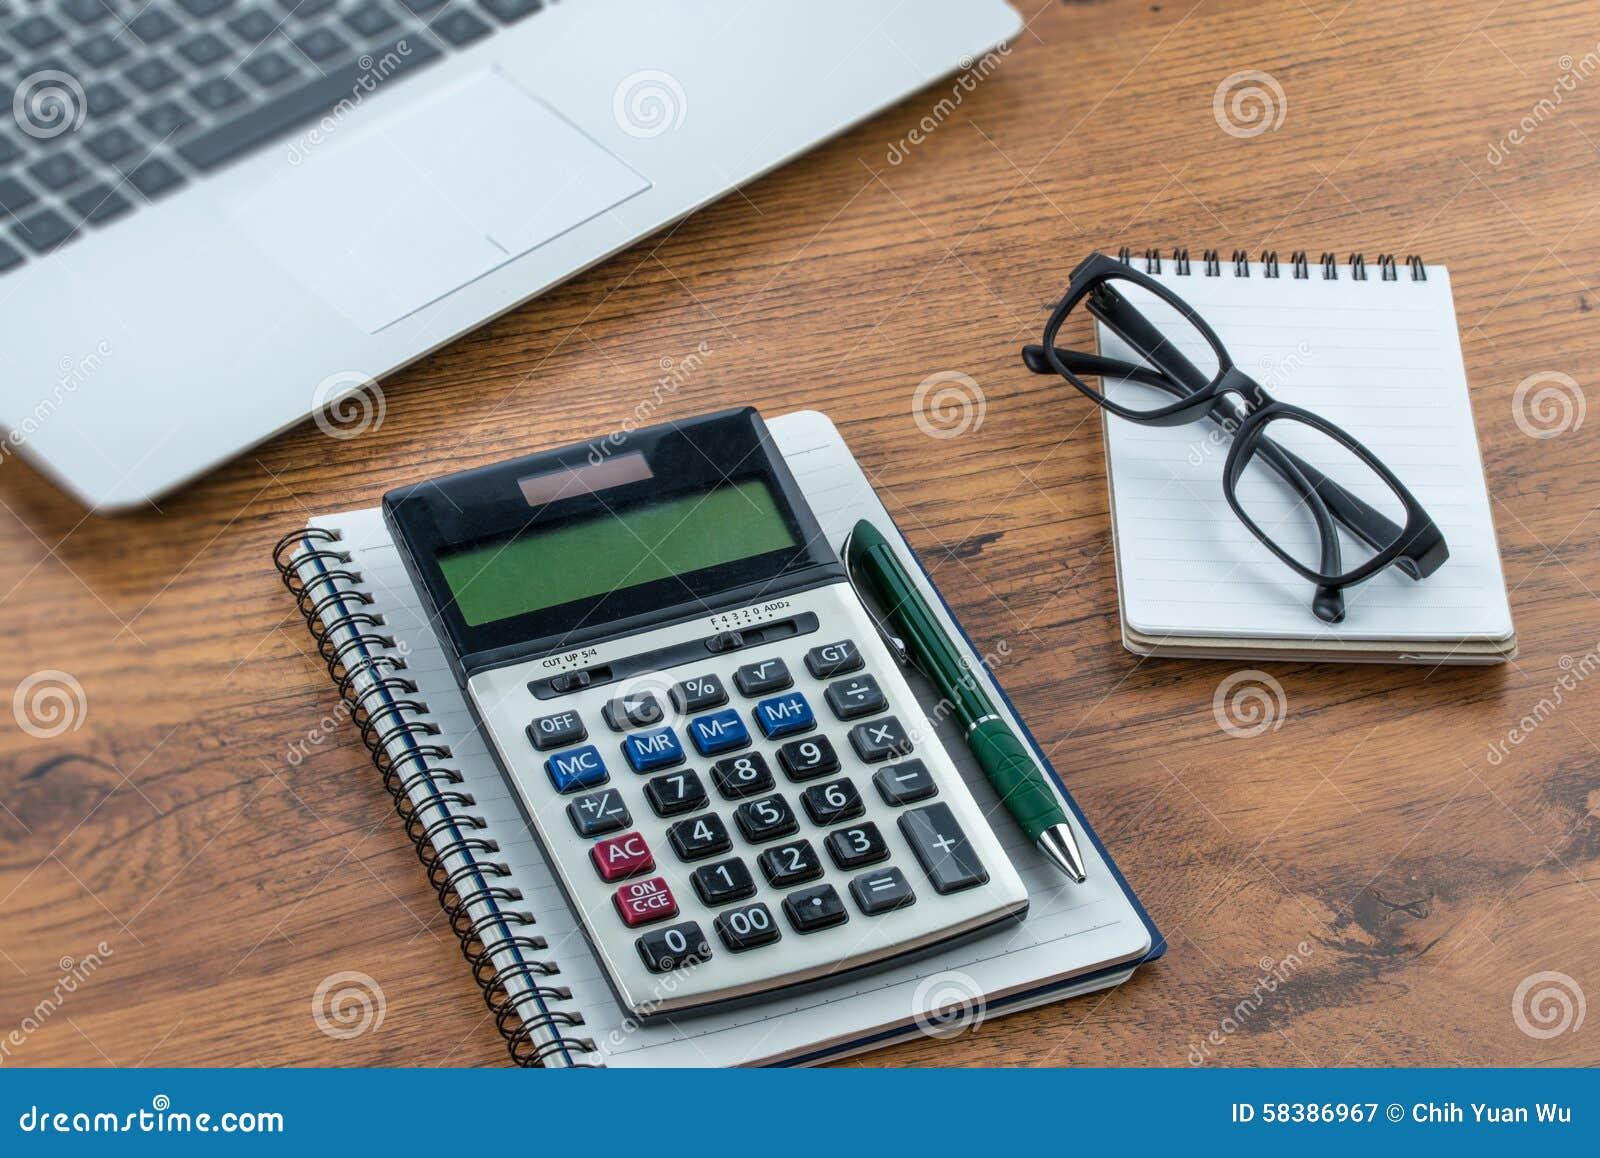 laptop notizbuch und stift mit taschenrechner auf dem schreibtisch stockbild bild von. Black Bedroom Furniture Sets. Home Design Ideas